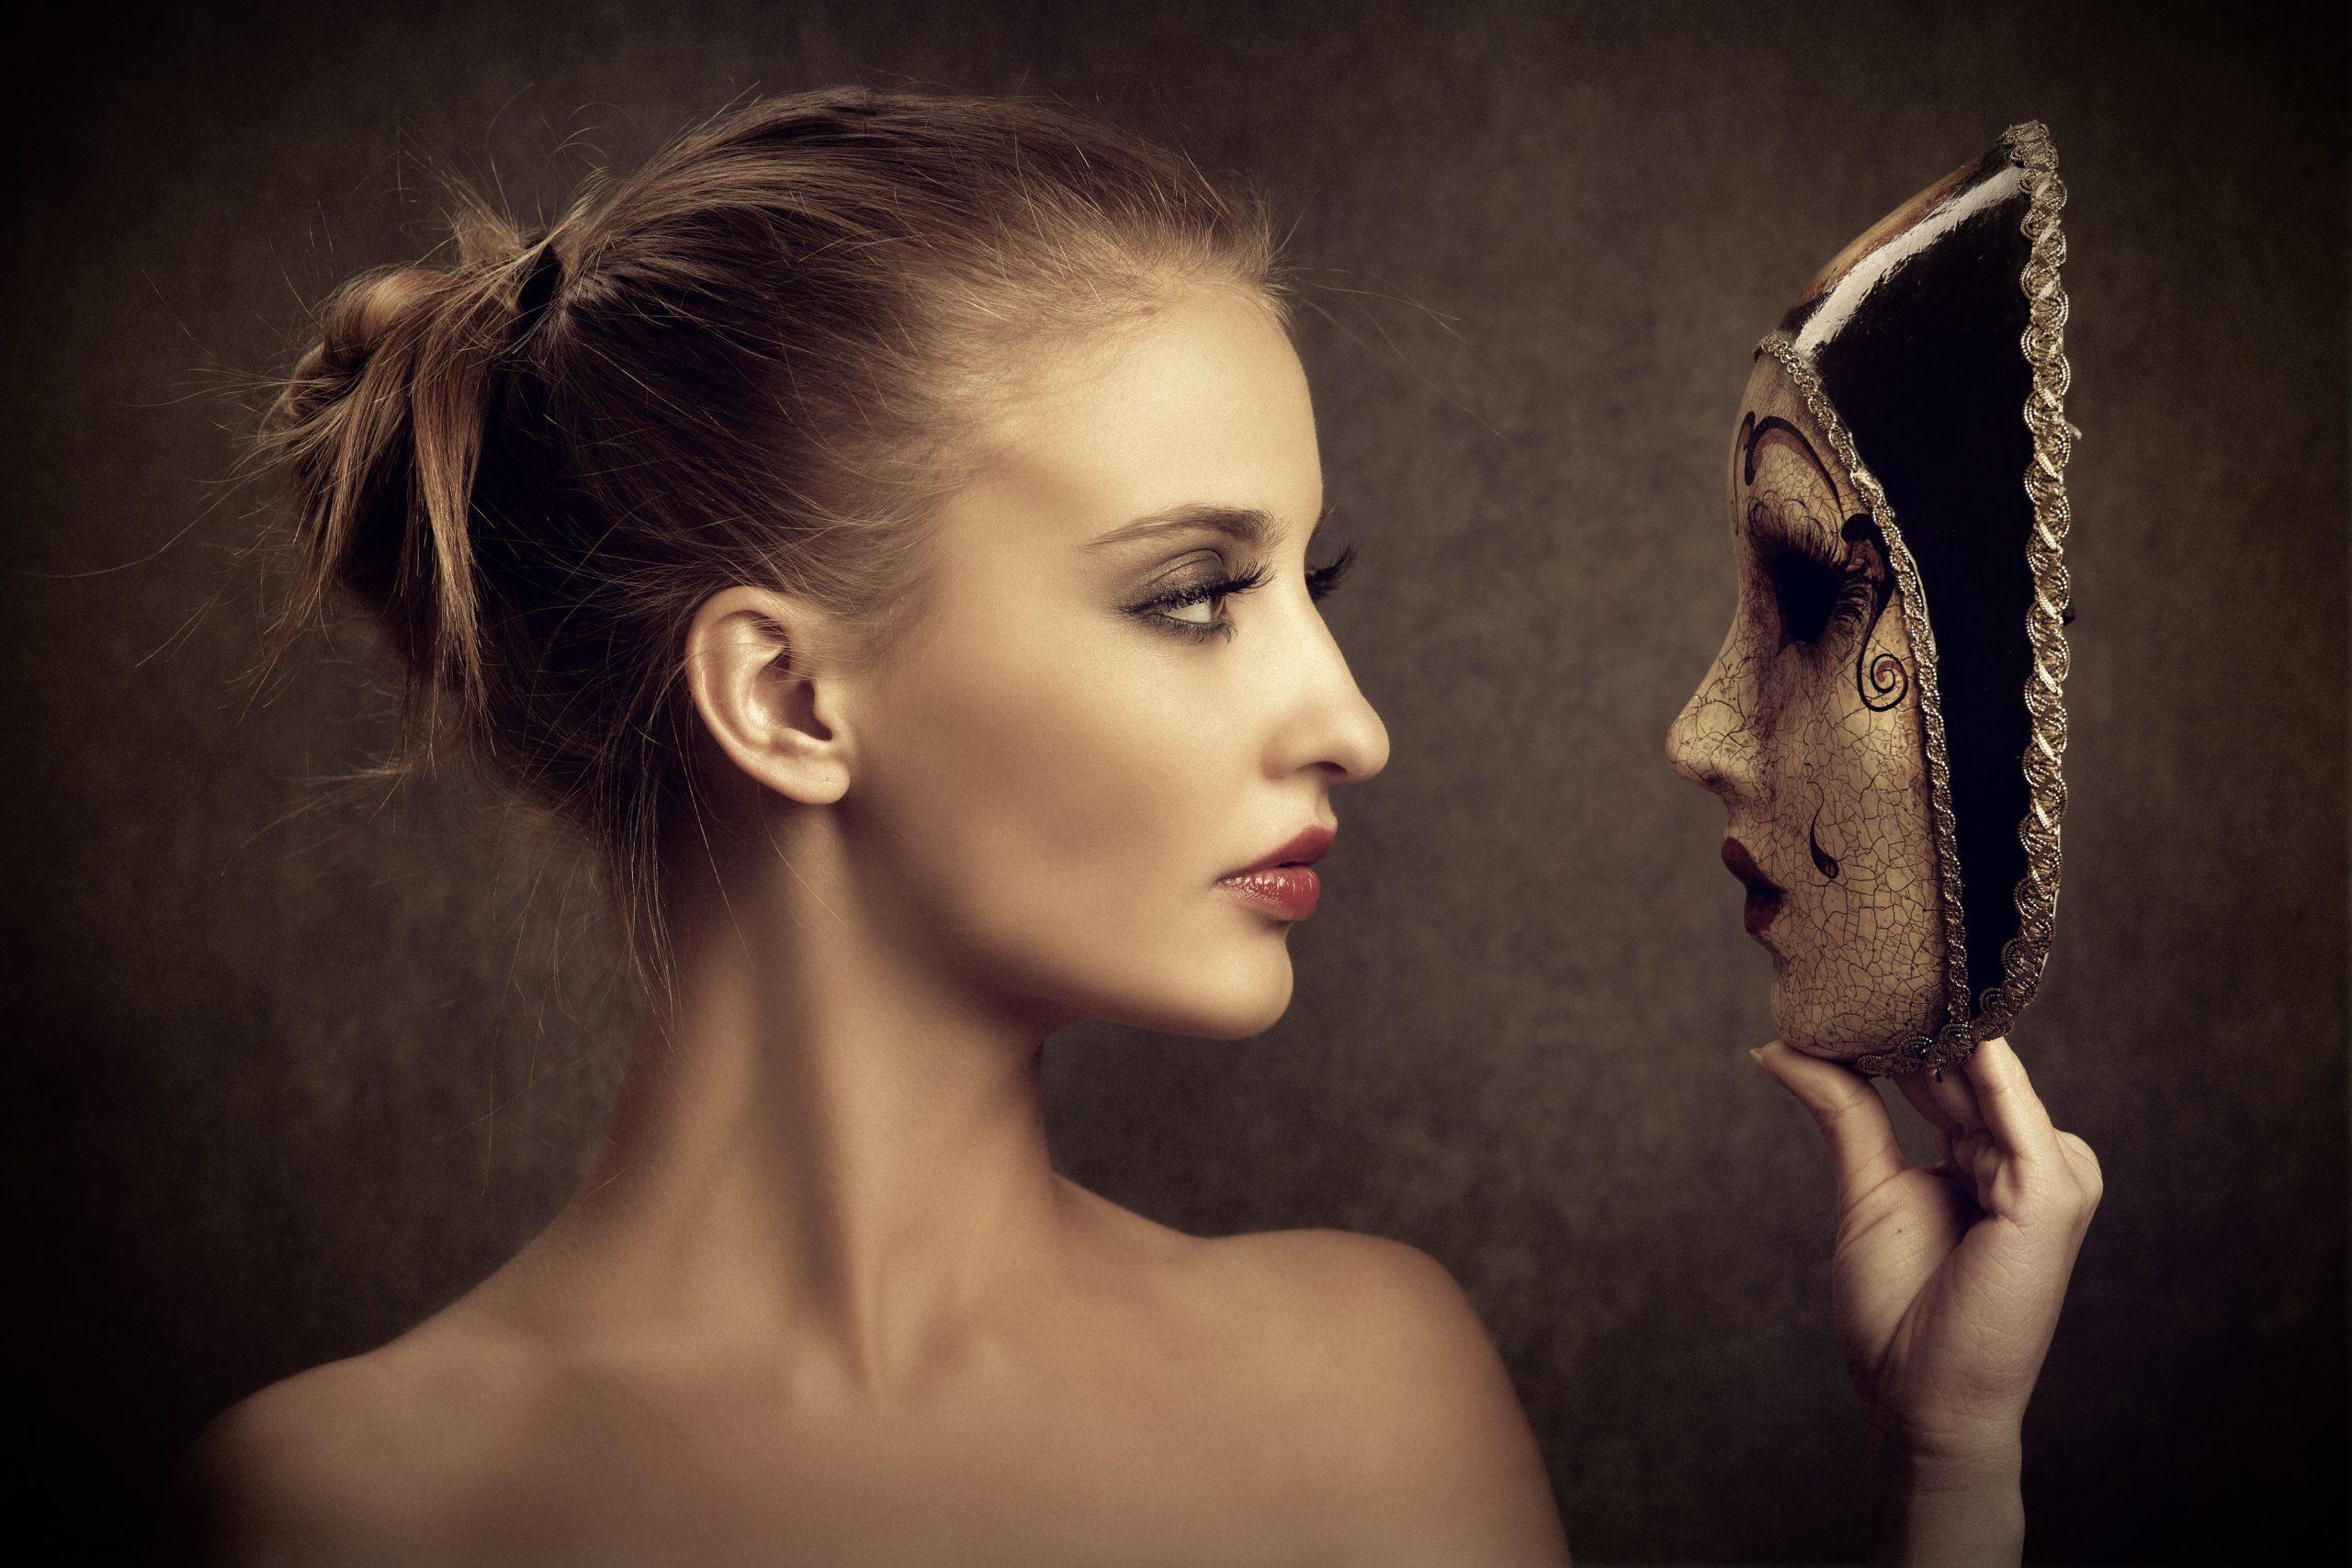 תסמונת המתחזה: לראות במראה מישהי אחרת